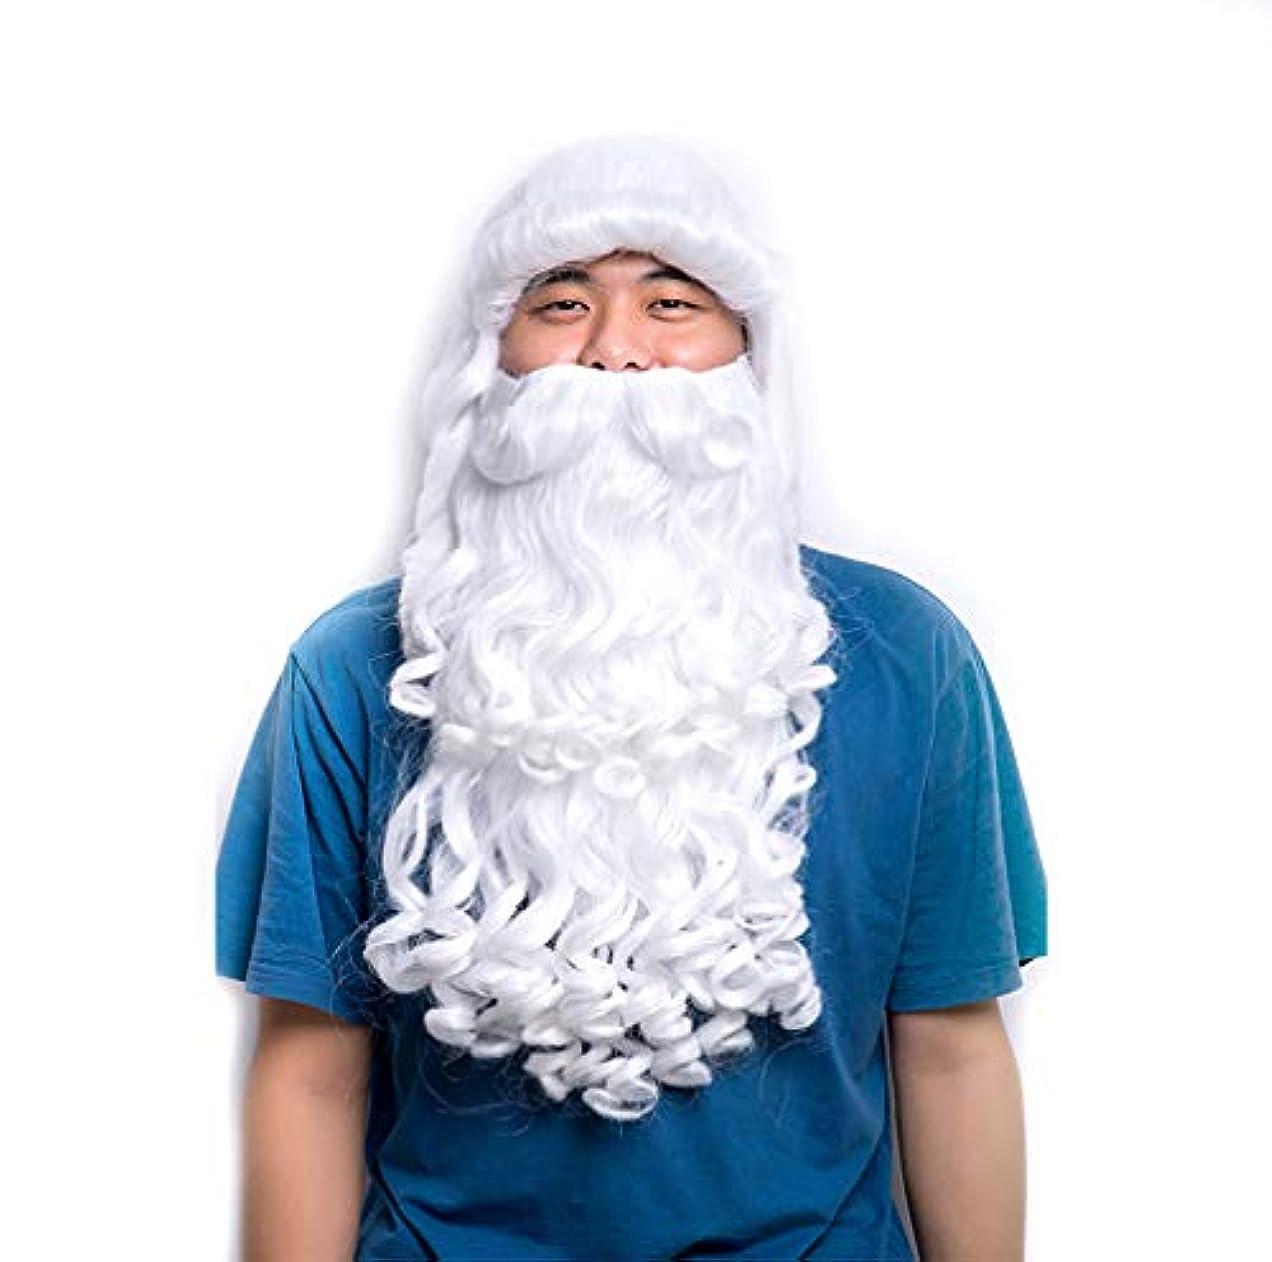 支店蒸発村男性ウィッグ女性ウィッグクリスマスウィッグロング合成オンブルカーリー波状クリスマスハロウィンアニメコスプレパーティーコスチュームウィッグ